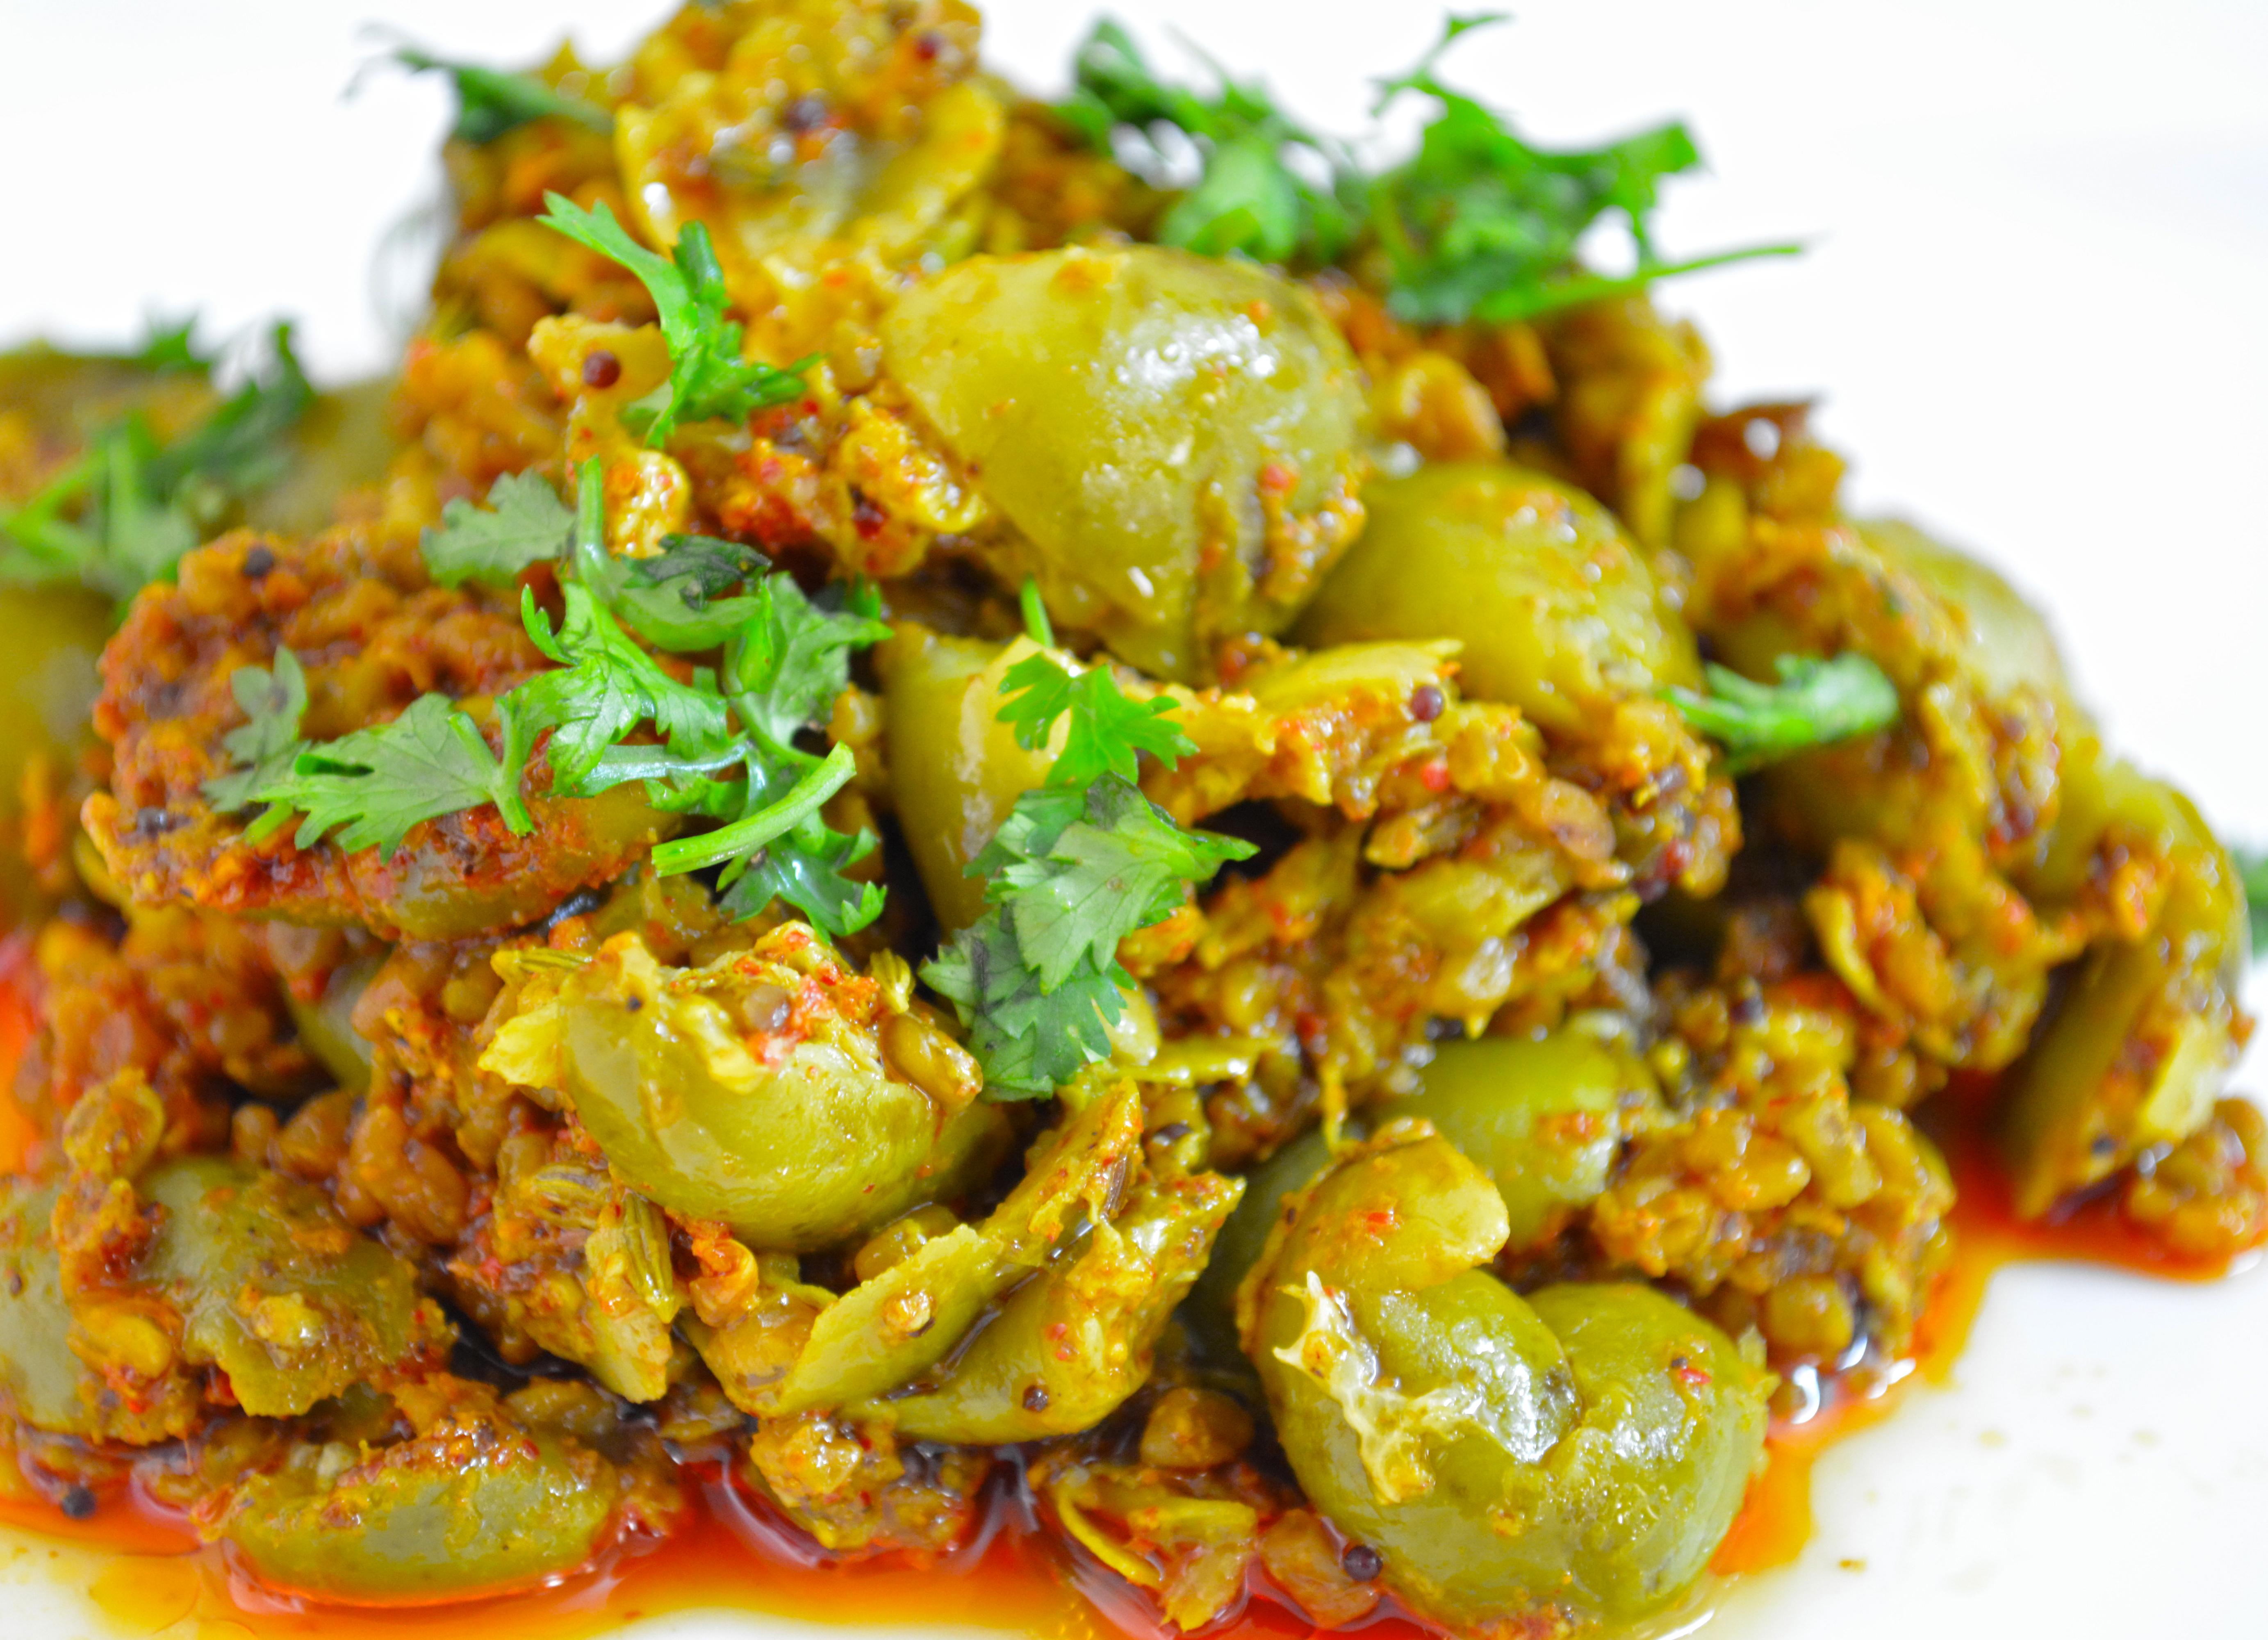 Rajasthani gunde ki sabzi recipe bird lime stir fry by archanas rajasthani gunde ki sabzi recipe bird lime stir fry by archanas kitchen forumfinder Gallery